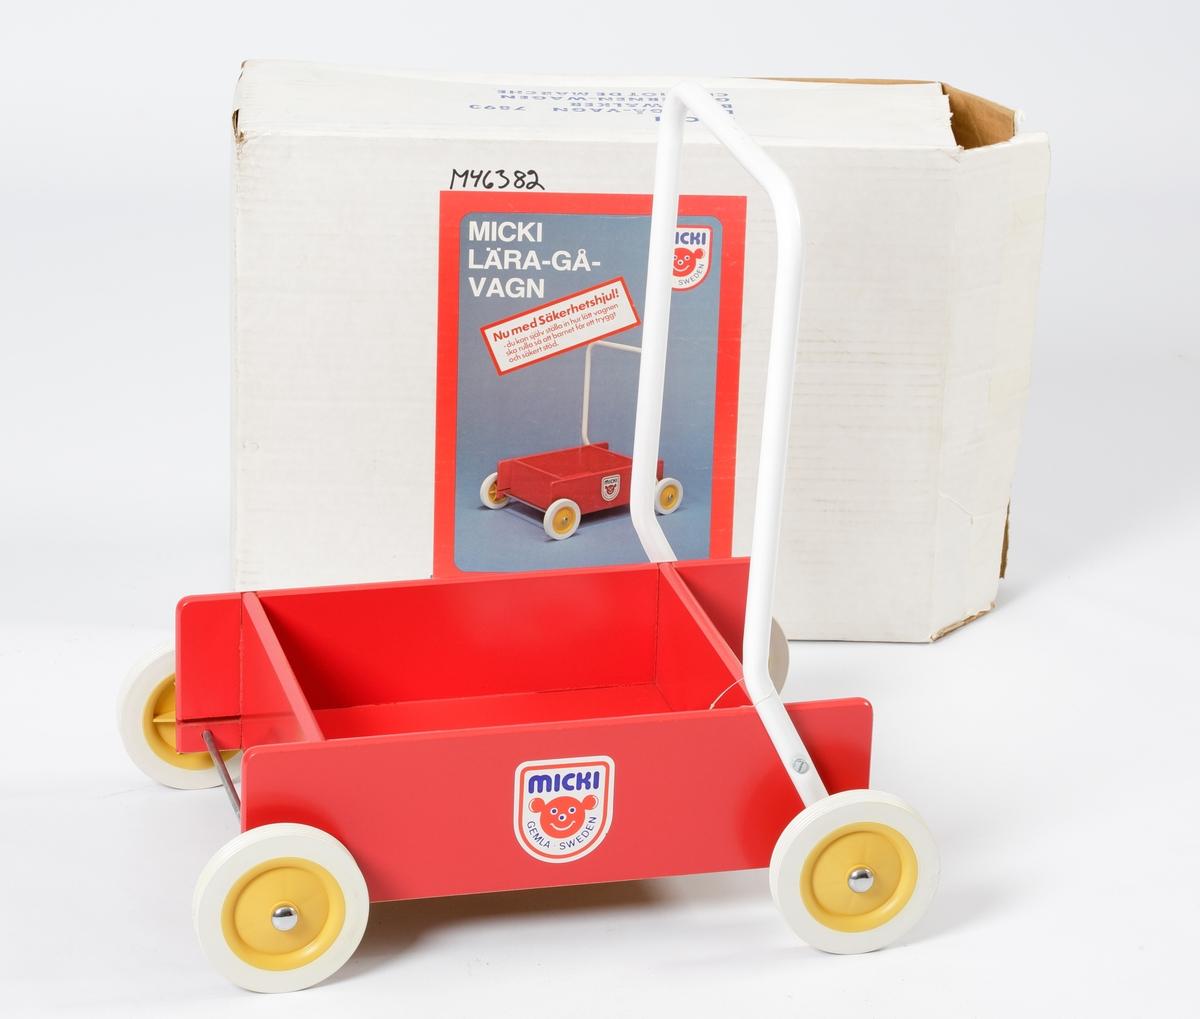 Vagn (lära gå-vagn) tillverkad av rödlackerade träfiberplattor (karlitboard). Den har ett vitlackerat handtag av böjt stålrör, fästat vid bakhjulens axlar.  Hjulen är av vit plast med gula nav. På insidan av naven sitter en ställskruv med vilken man kan göra så att de går tyngre att rulla. Vagnkorgen består av fem delar, botten, sidor och gavlar.  Vagnen är avsedd för gångträning av små barn, ett till två år.  Vagnen är förpackad i en vit kartong med färgbild utanpå och text på engelska, tyska, franska och svenska.